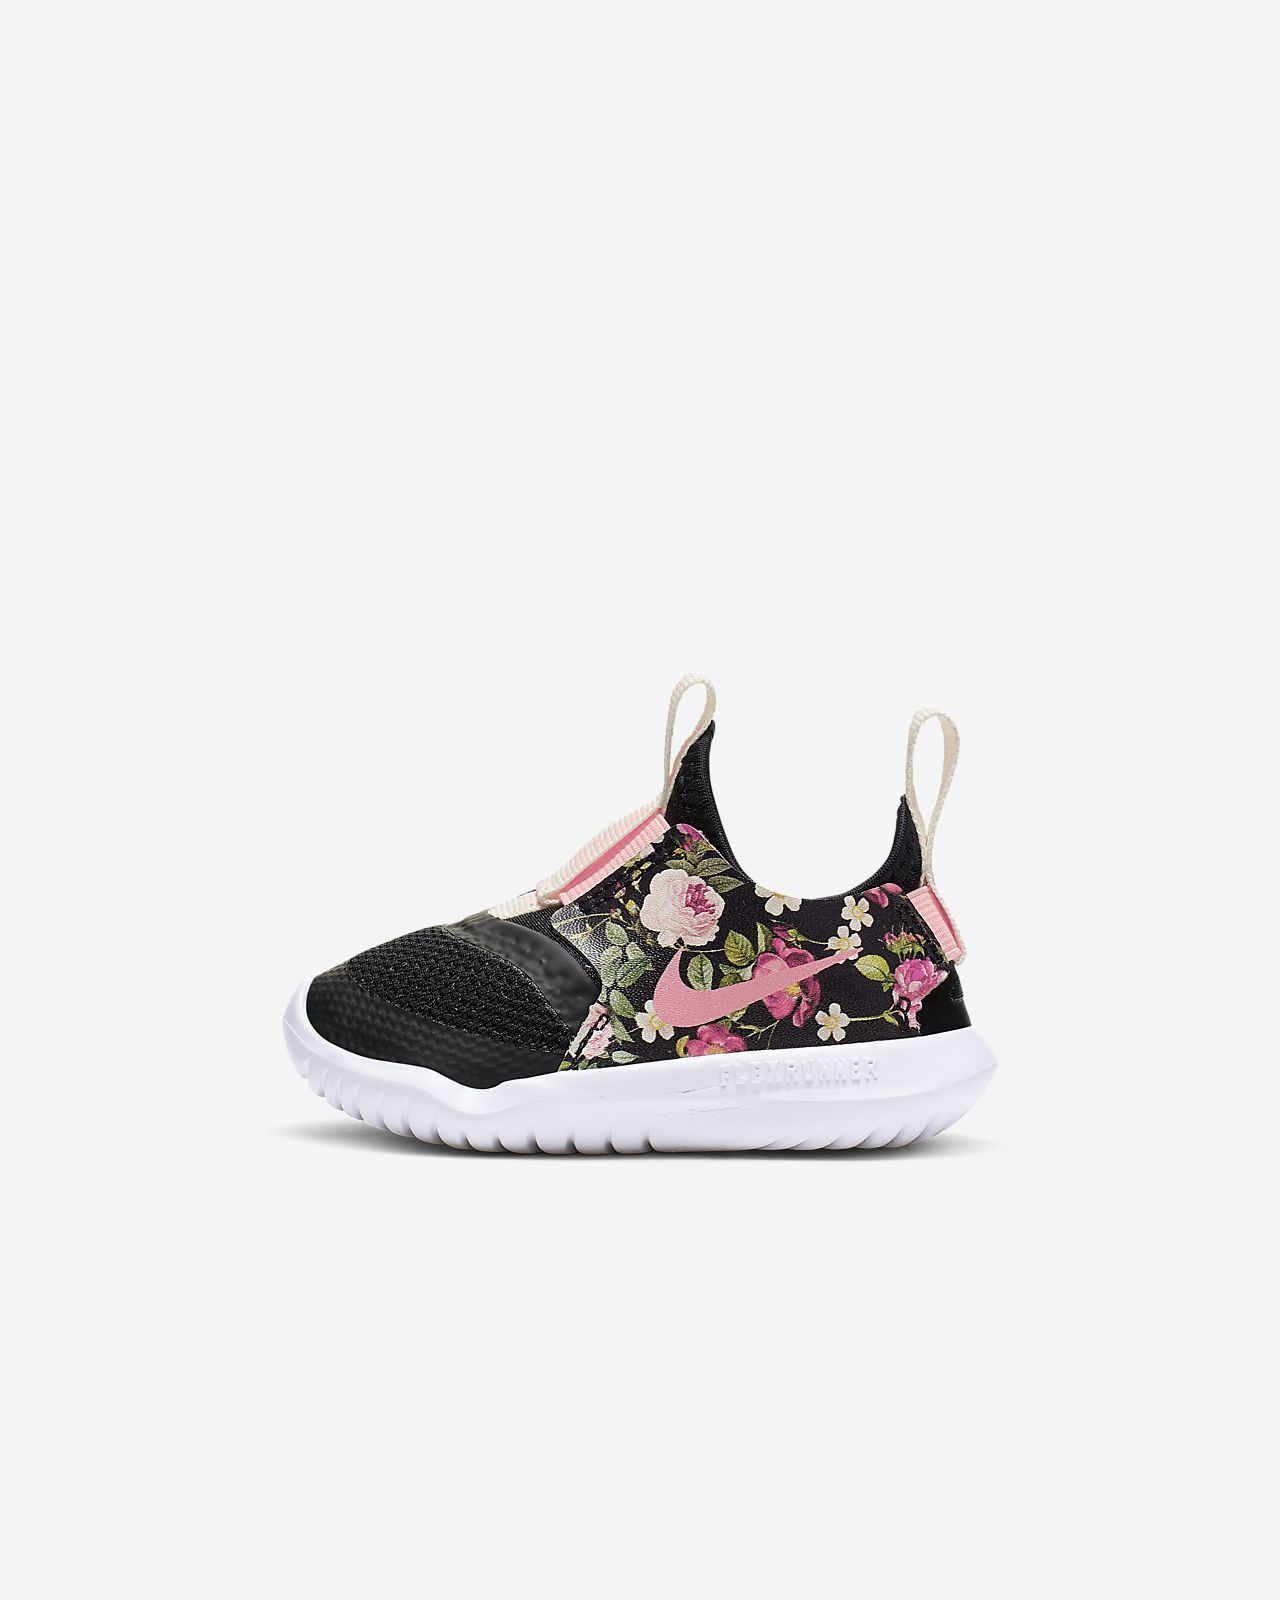 Nike Flex Runner Vintage Floral Baby/Toddler Shoe